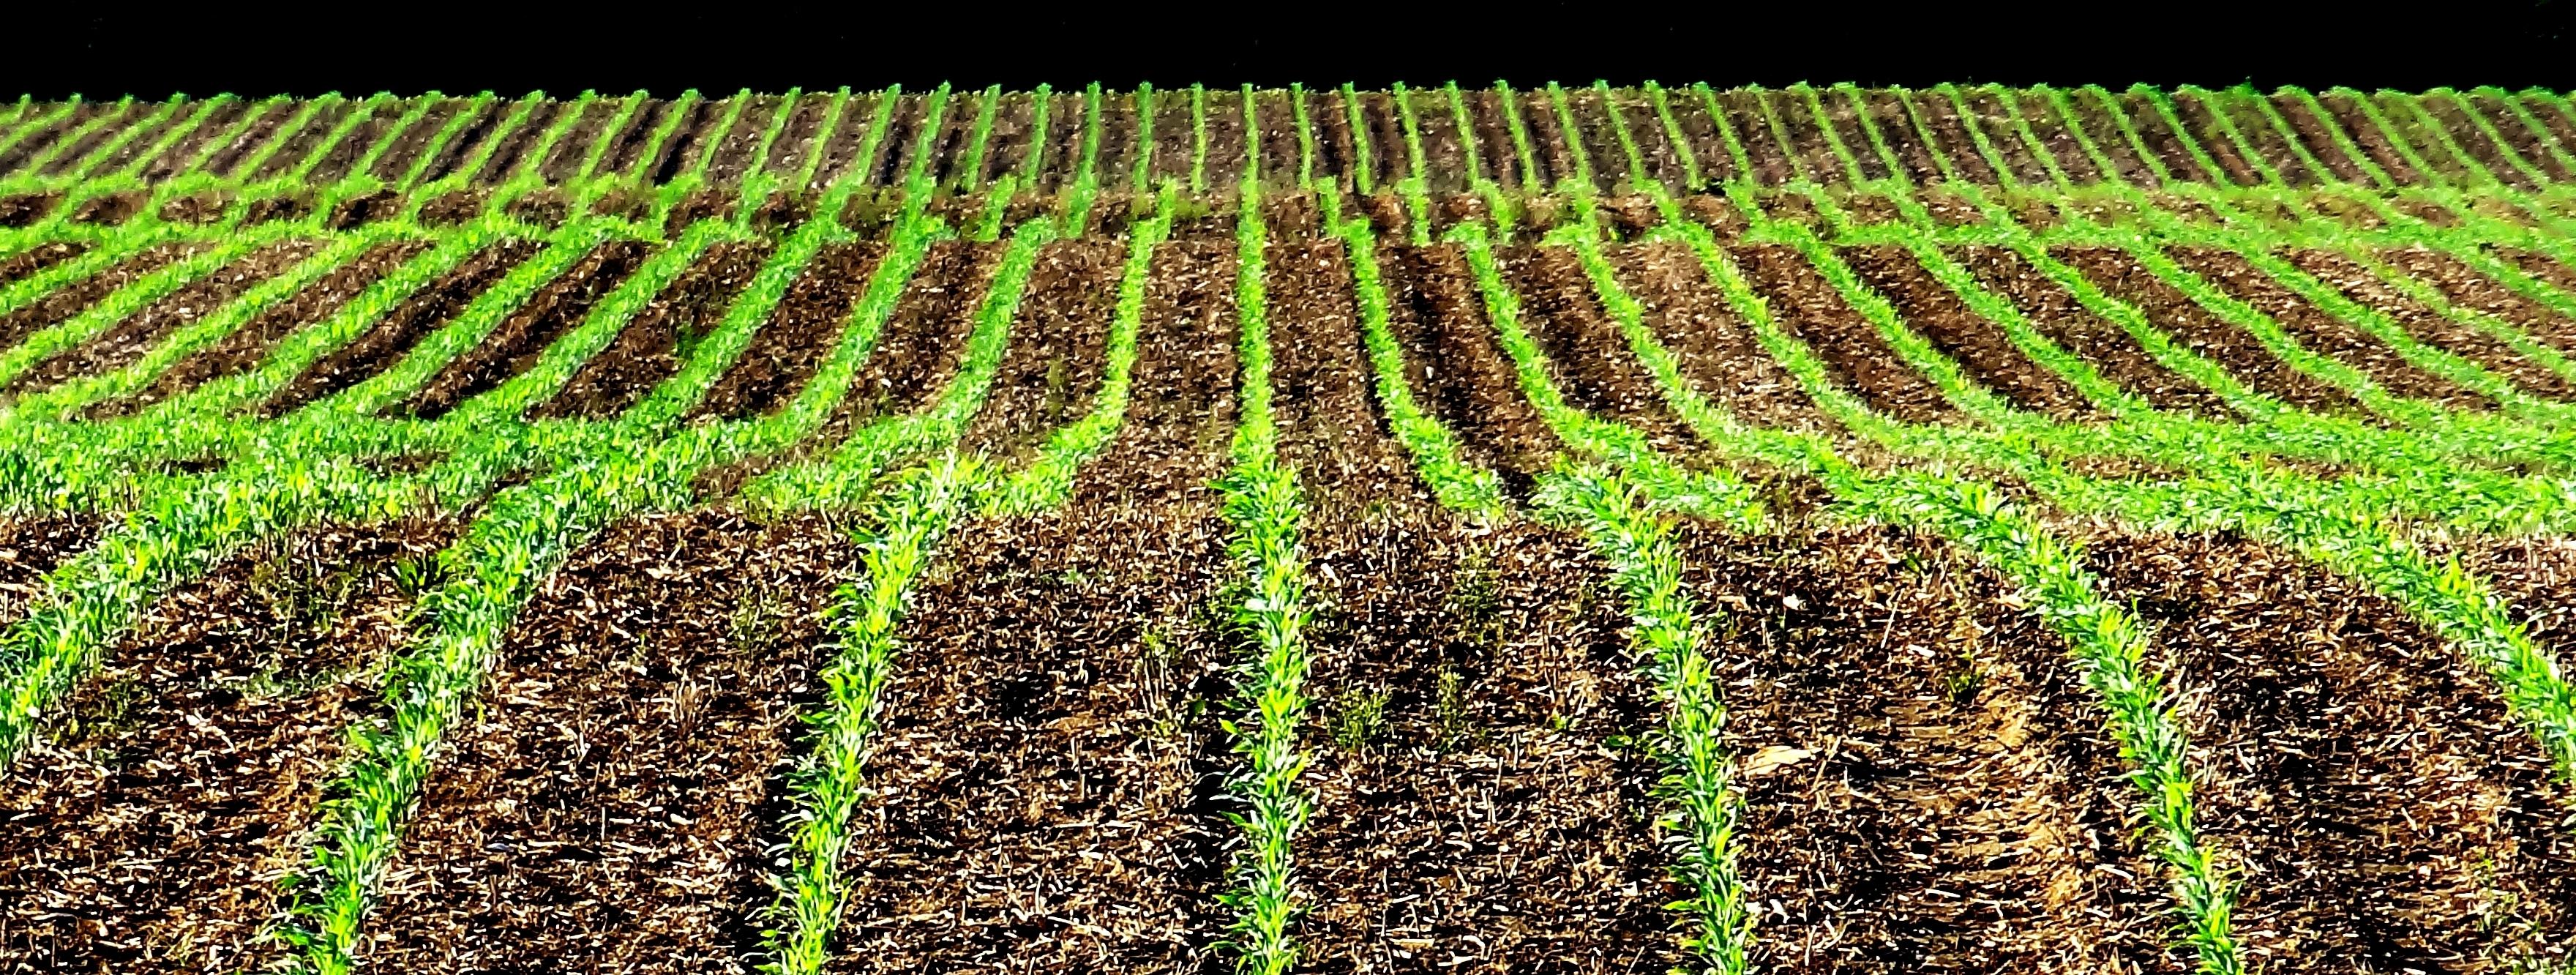 Corn rows | Pairodox